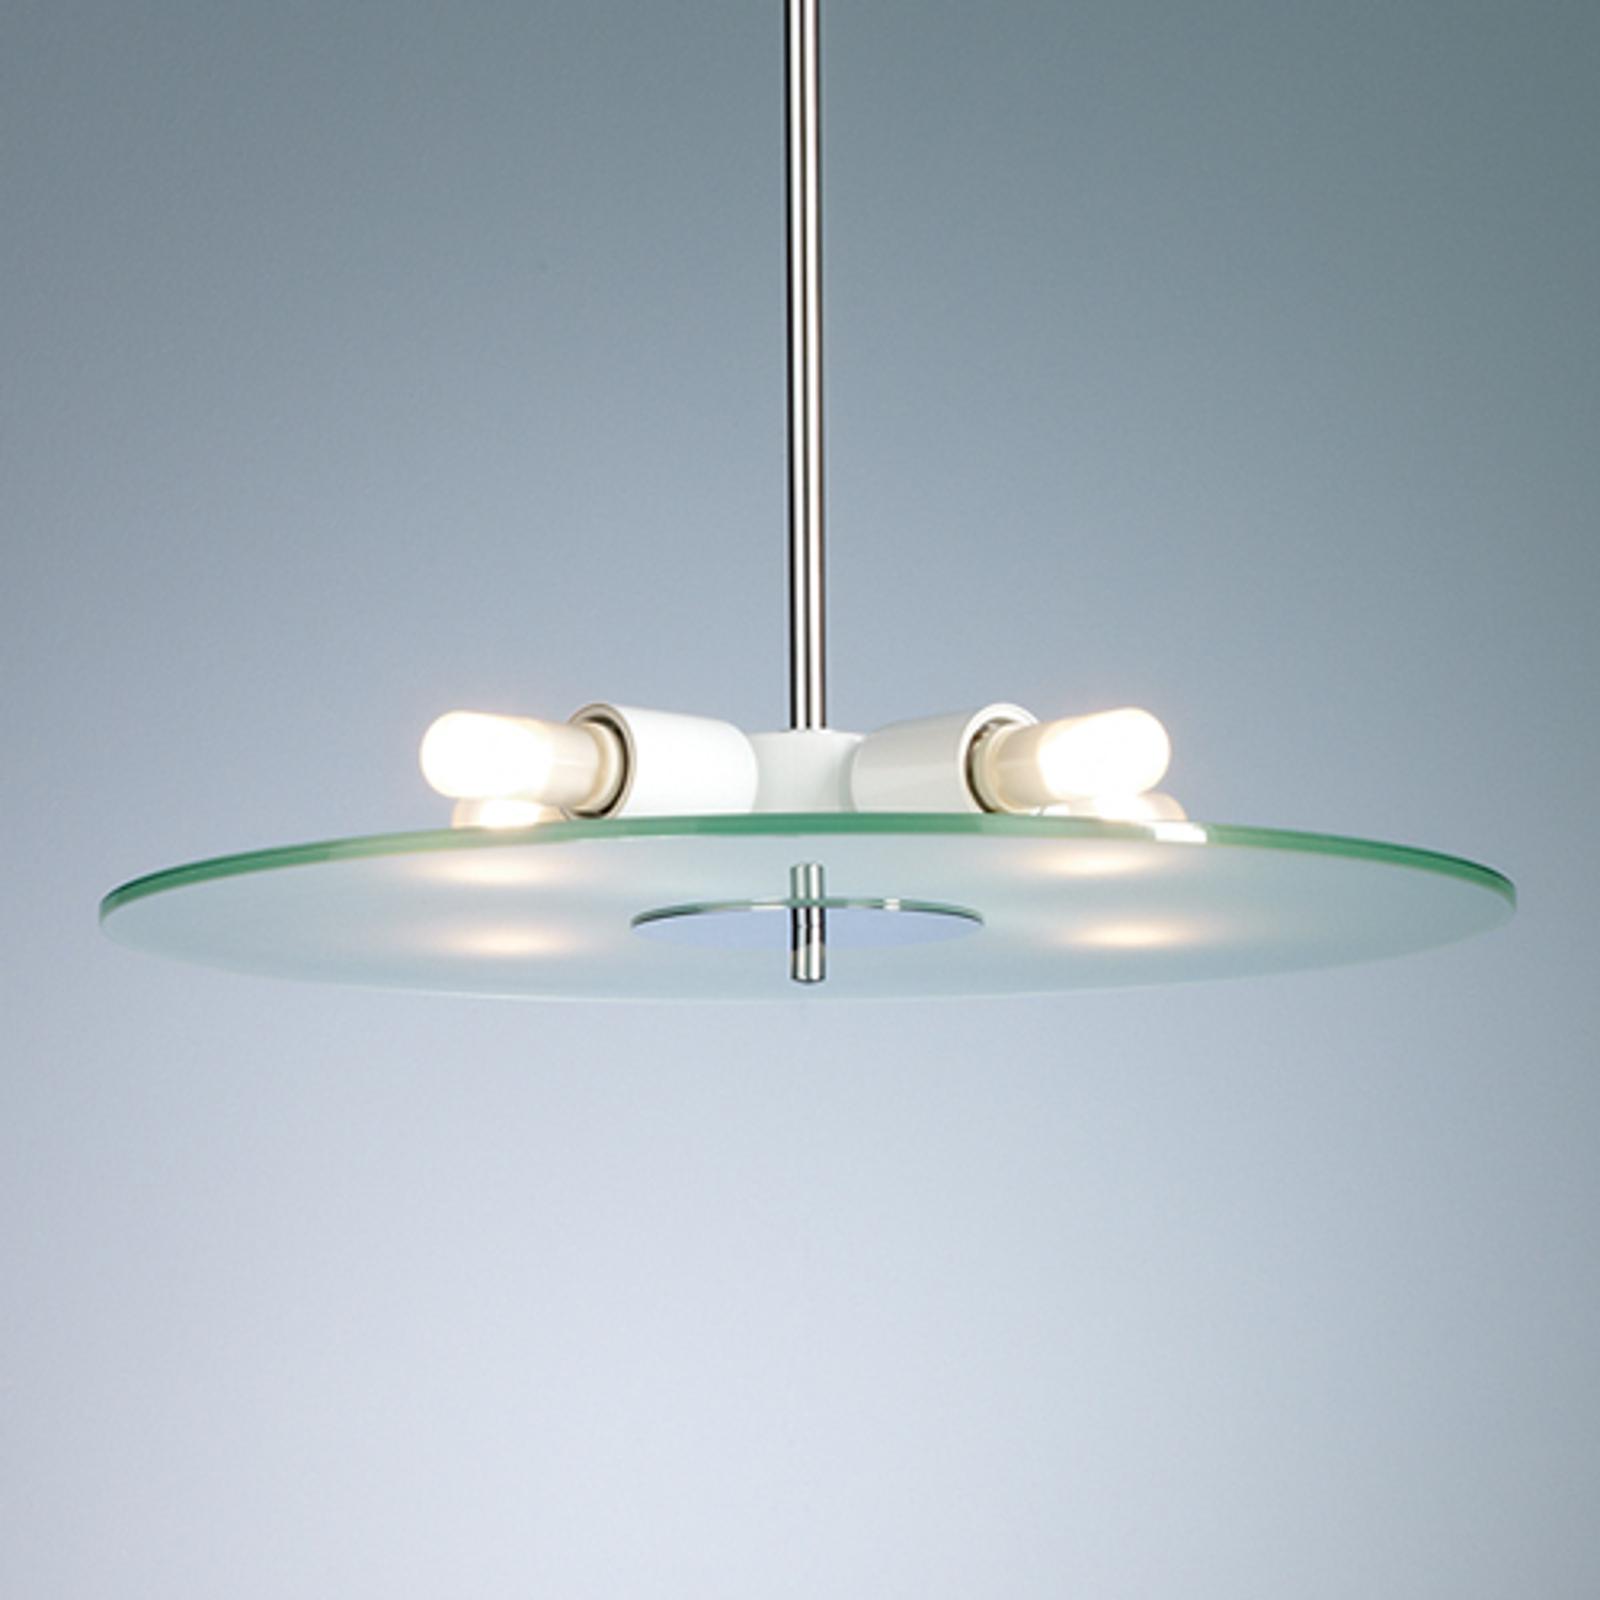 Bauhaus Klassiker Pendellampen Af Glas 50 Cm Lampegiganten Dk